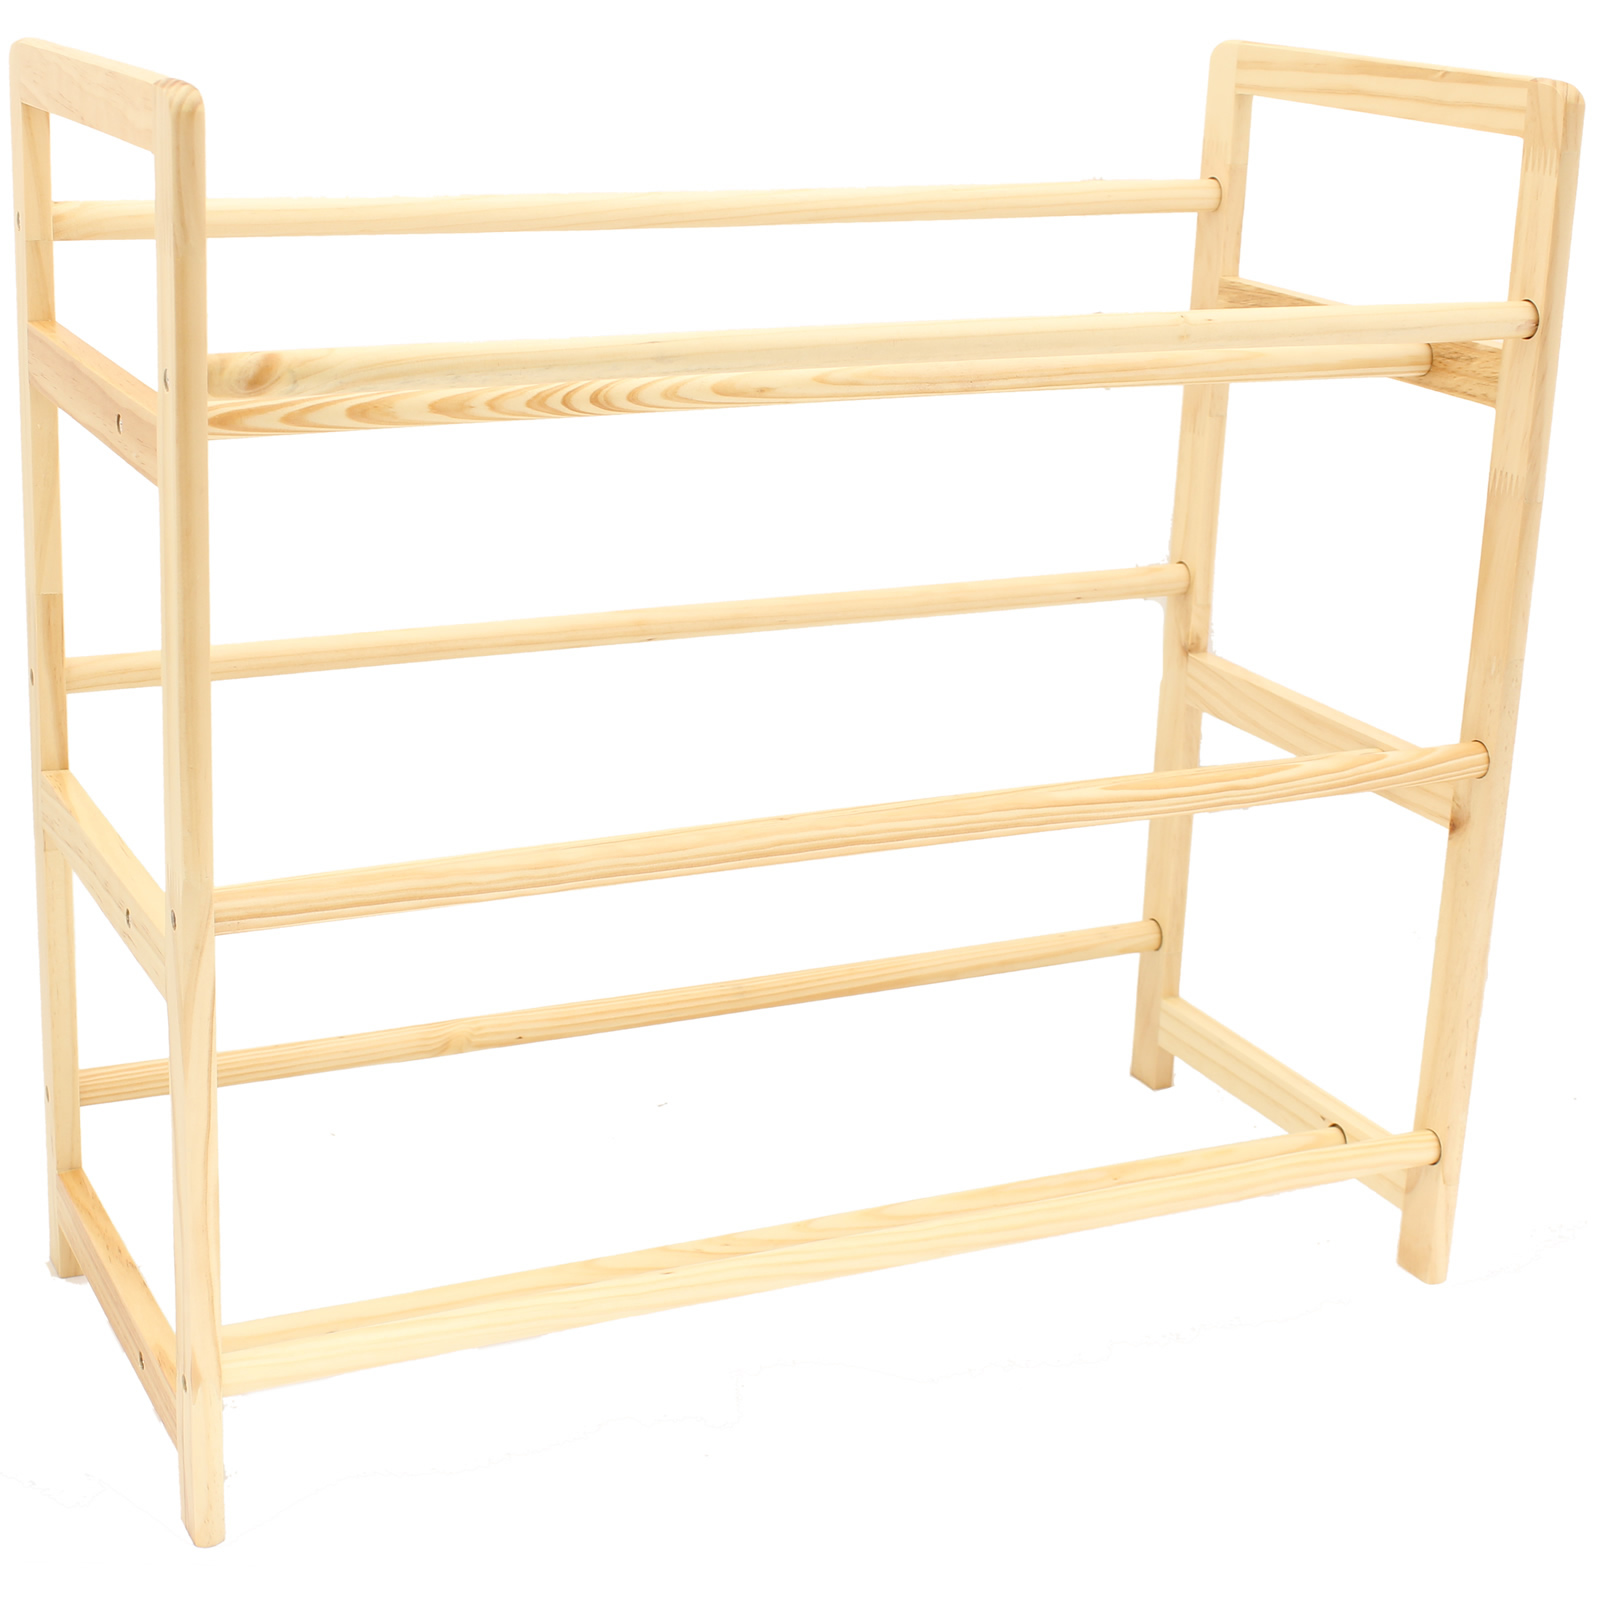 Childrens Animals Storage Box Chest 3 Kids Drawer Bedroom: Hartleys 3 Tier Storage Shelf Unit Kids Childrens Bedroom